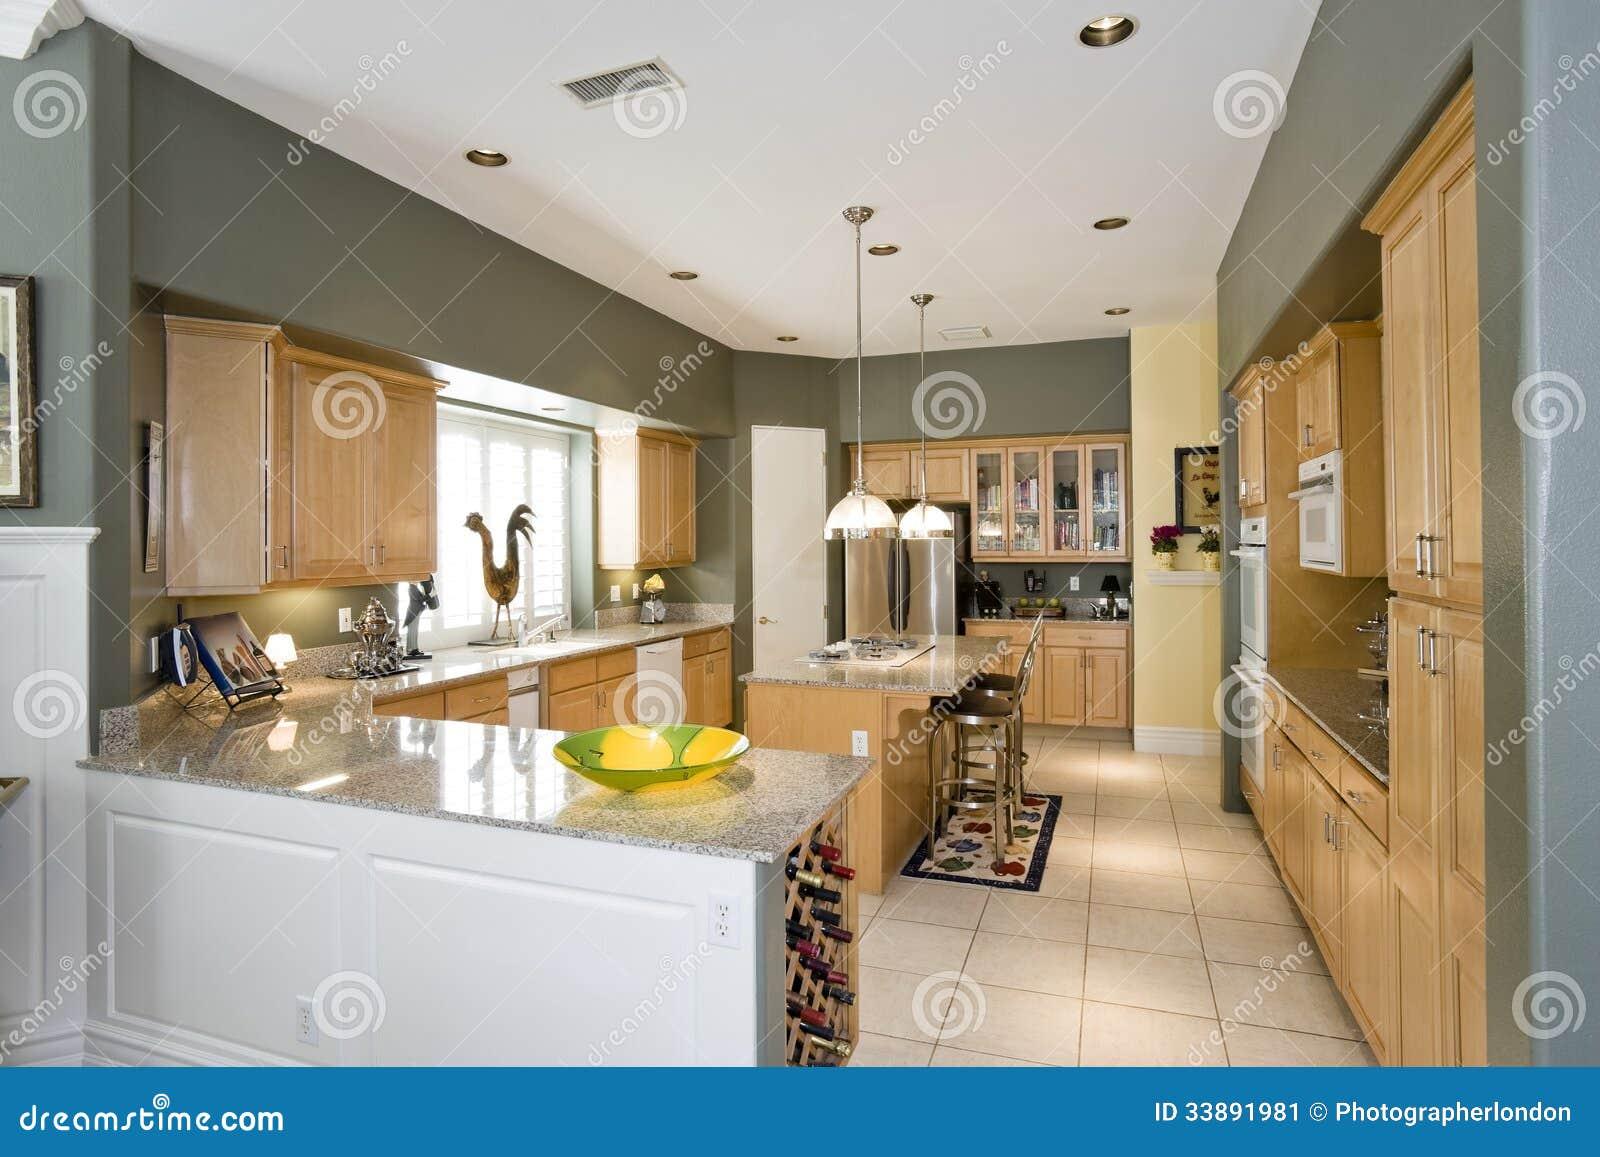 Cocina moderna con los taburetes en la isla en casa imagen for Taburetes isla cocina